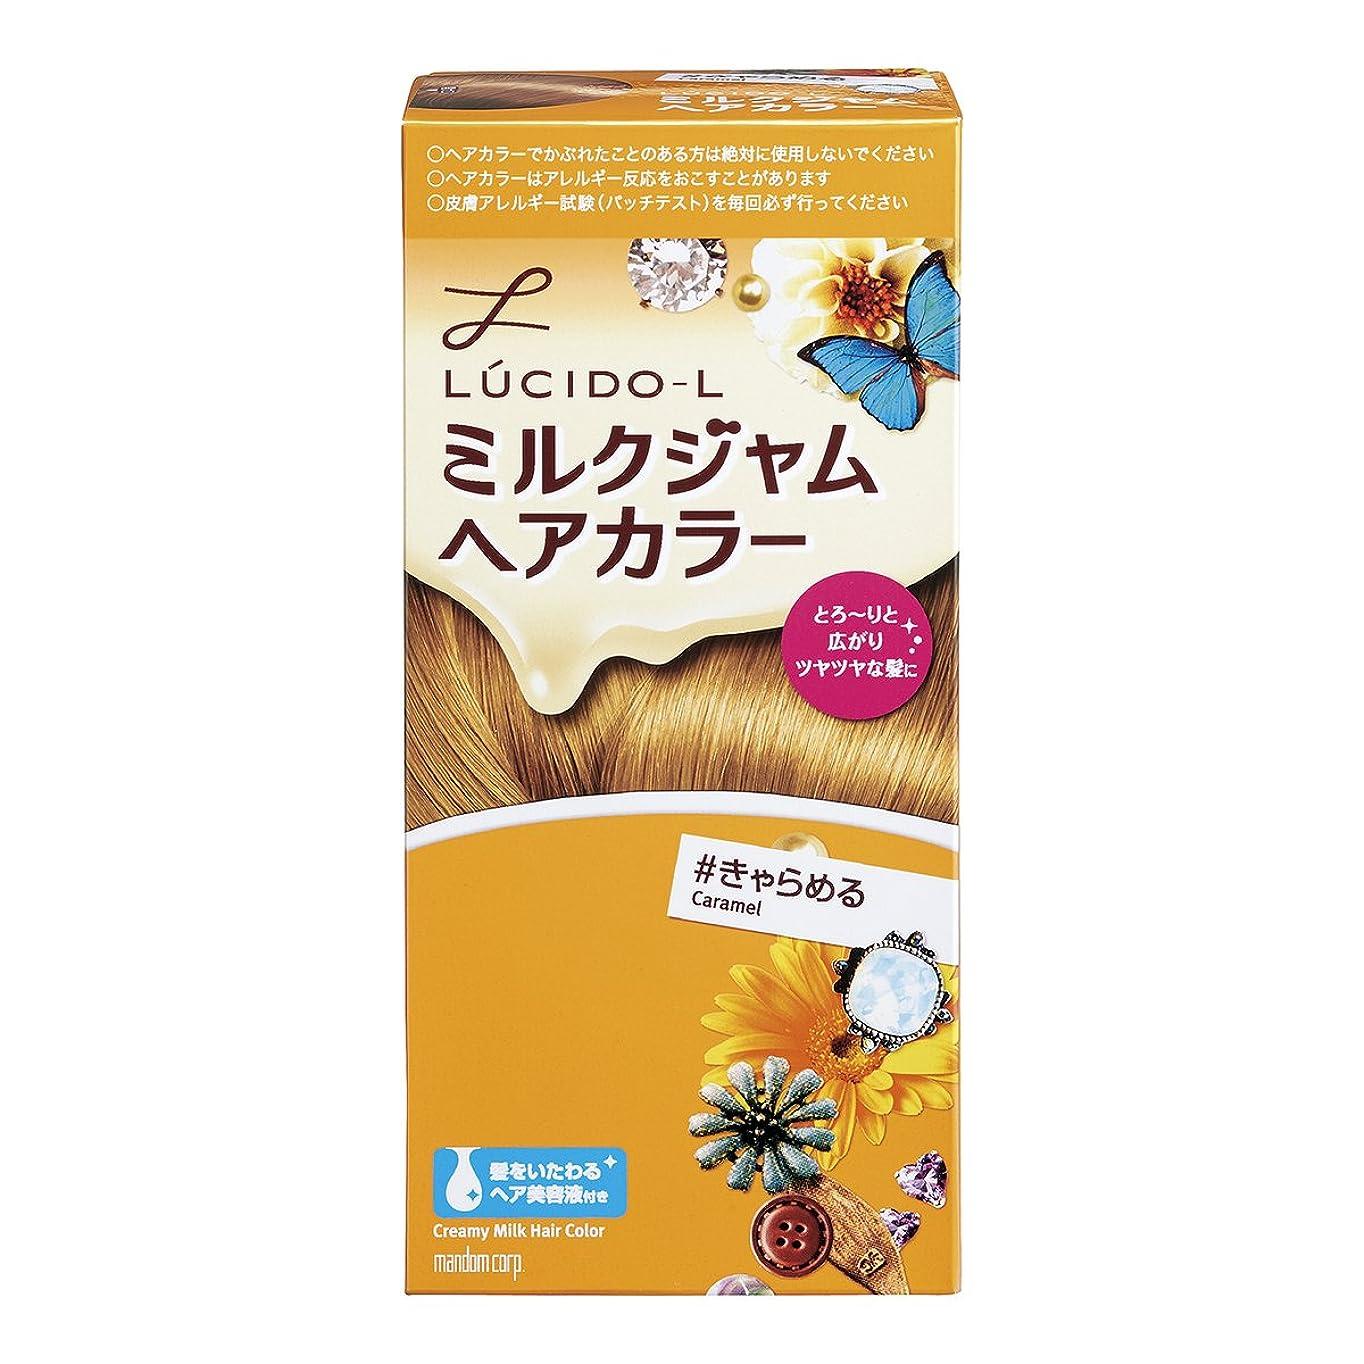 変化拾うぶどうLUCIDO-L (ルシードエル) ミルクジャムヘアカラー #きゃらめる (医薬部外品) (1剤40g 2剤80mL TR5g)